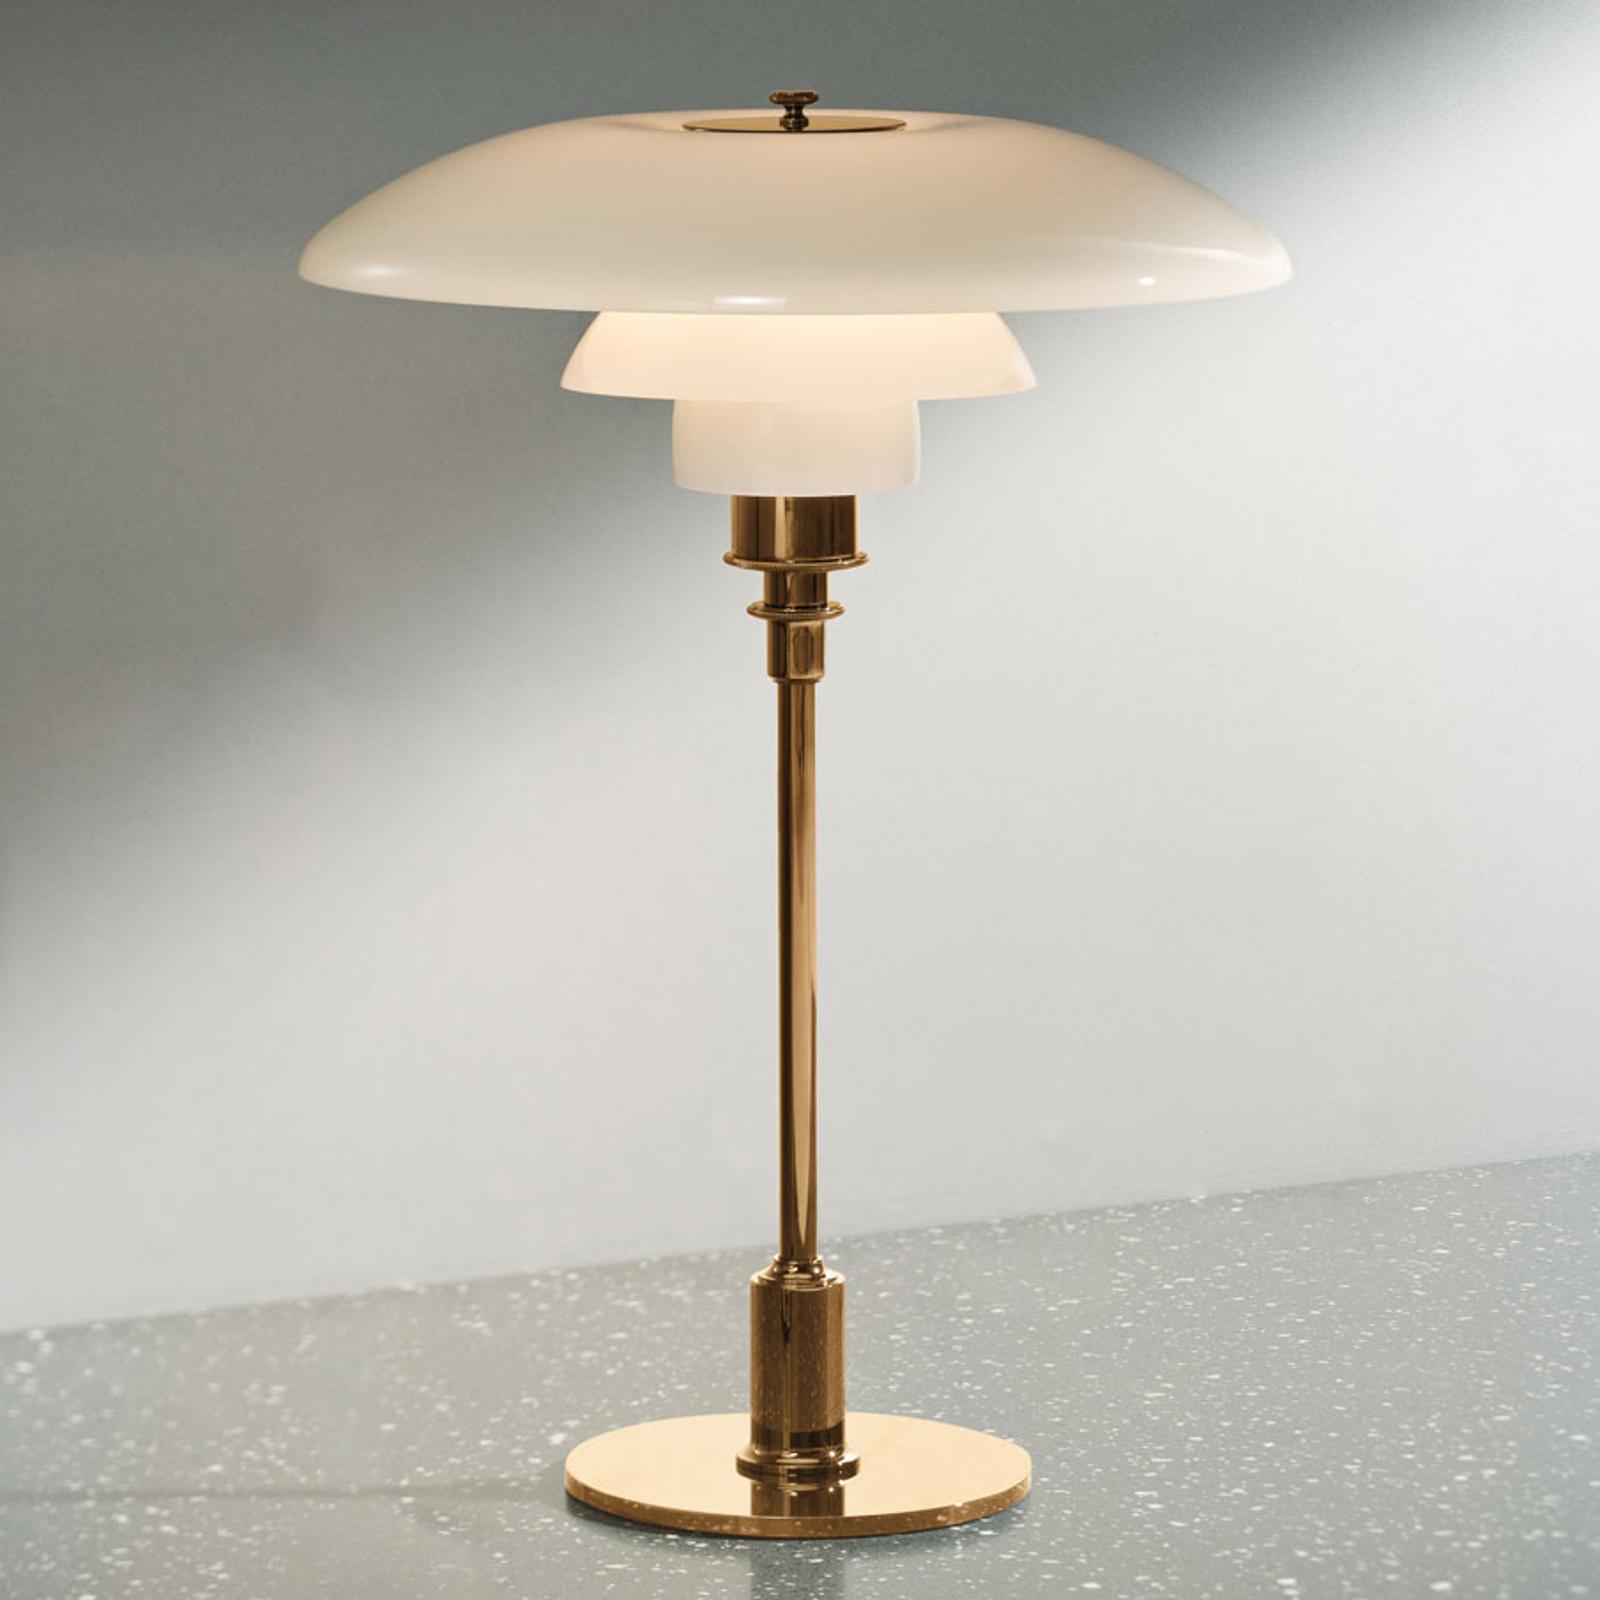 Louis Poulsen PH 3 1/2-2 1/2 tafellamp messing